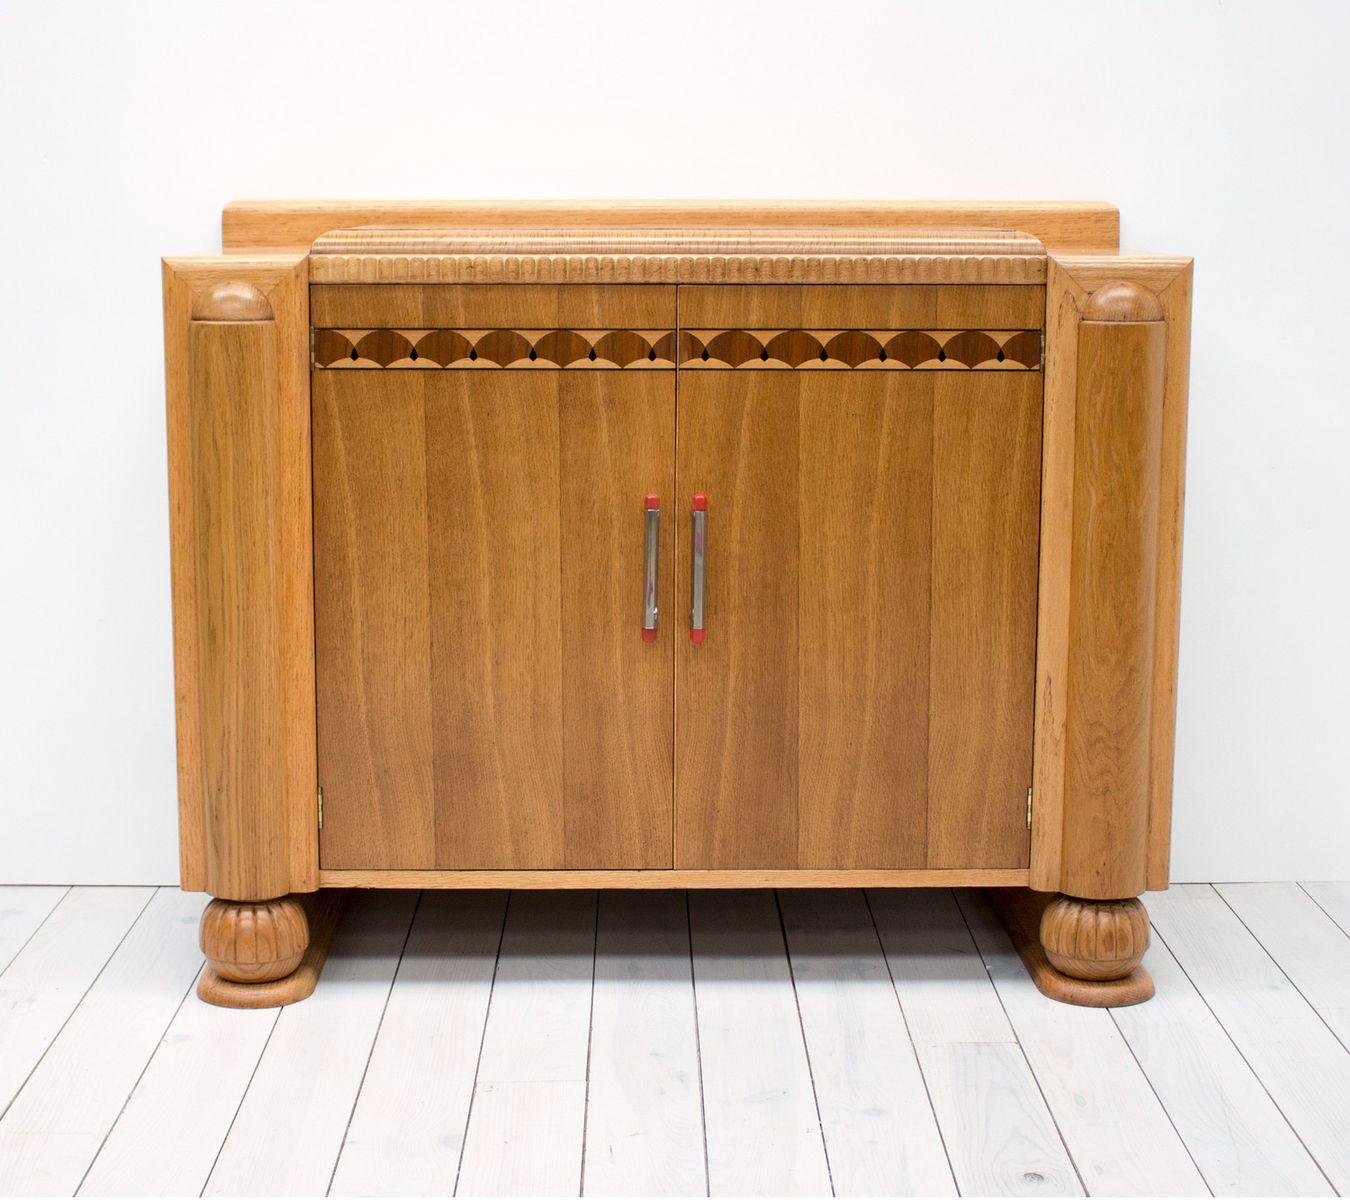 Englisches Art Deco Sideboard aus Eiche von CWS Ltd, 1939